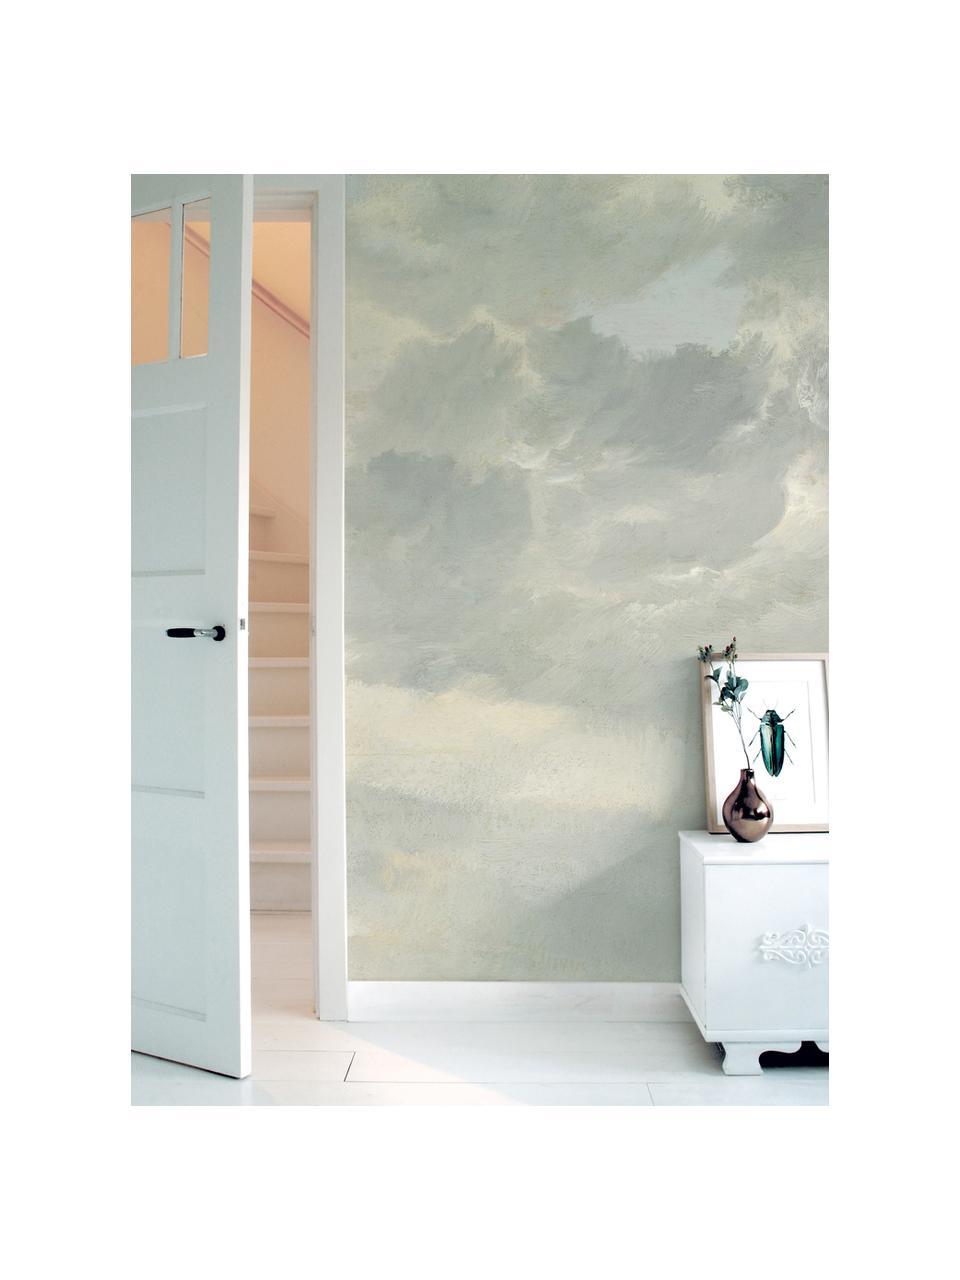 Fotobehang Golden Age Clouds, Vlies, milieuvriendelijk en biologisch afbreekbaar, Grijs, mat beige, 196 x 280 cm